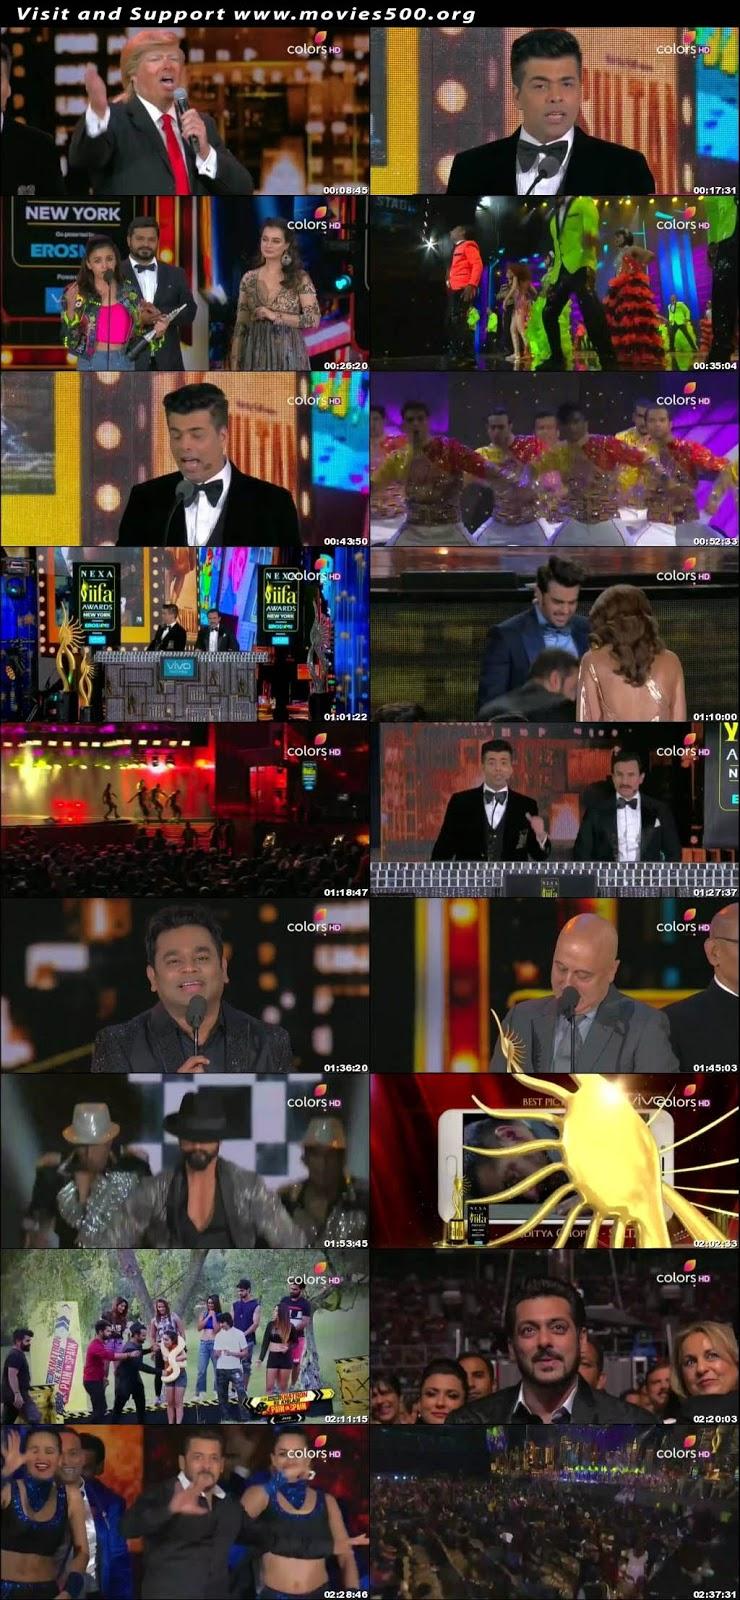 IIFA Awards 18Th 16th July 2017 Hindi Tv Award Show Download at movies500.me